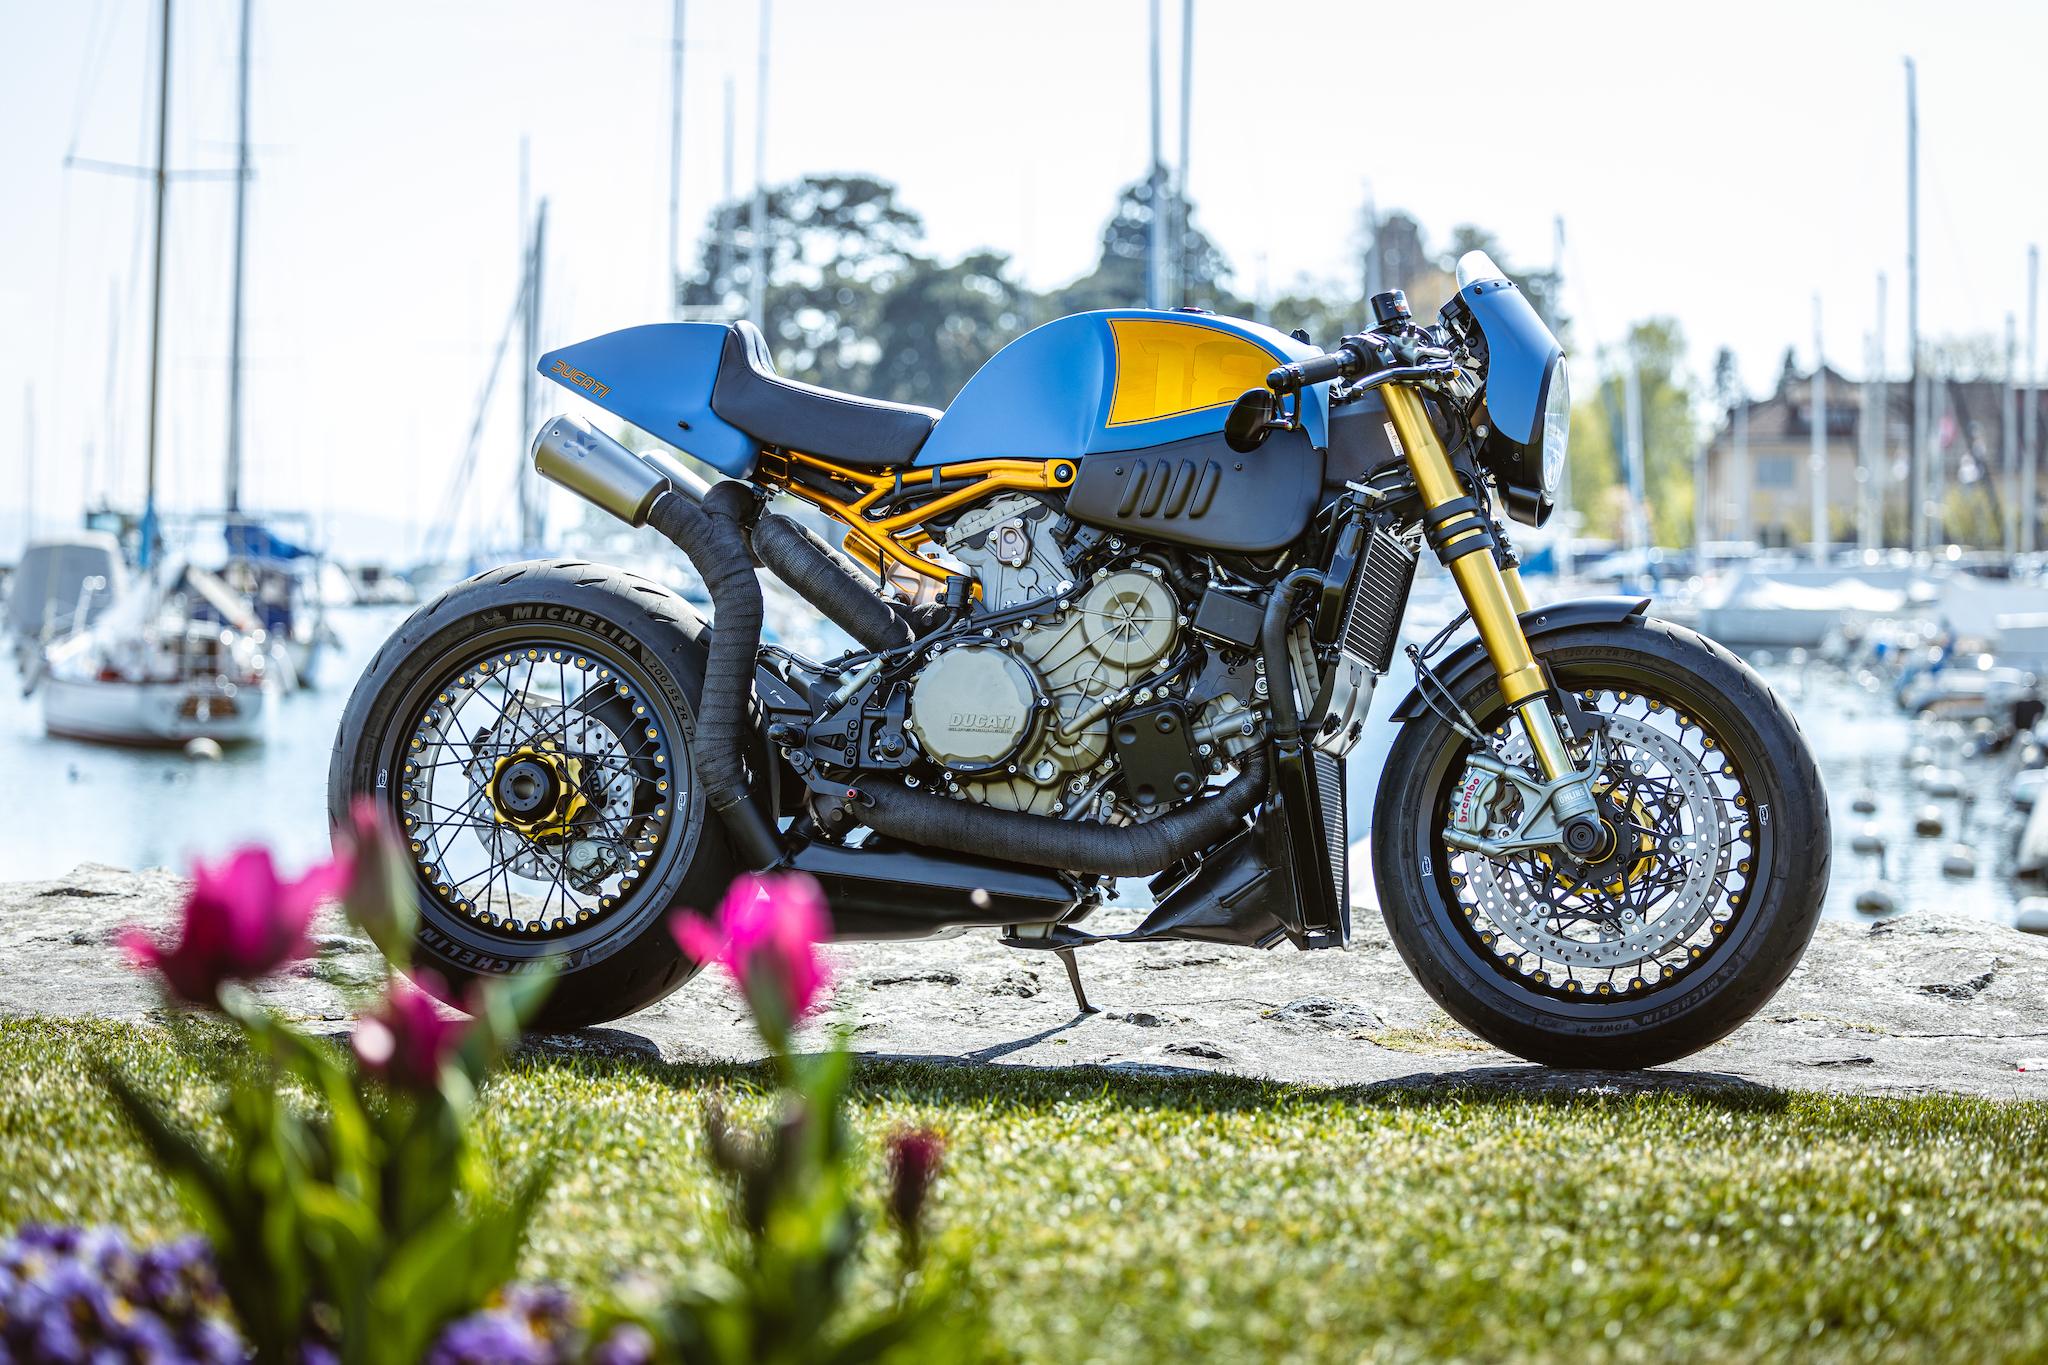 Ducati_Panigale_naked_dream-motos_Madpik-small27